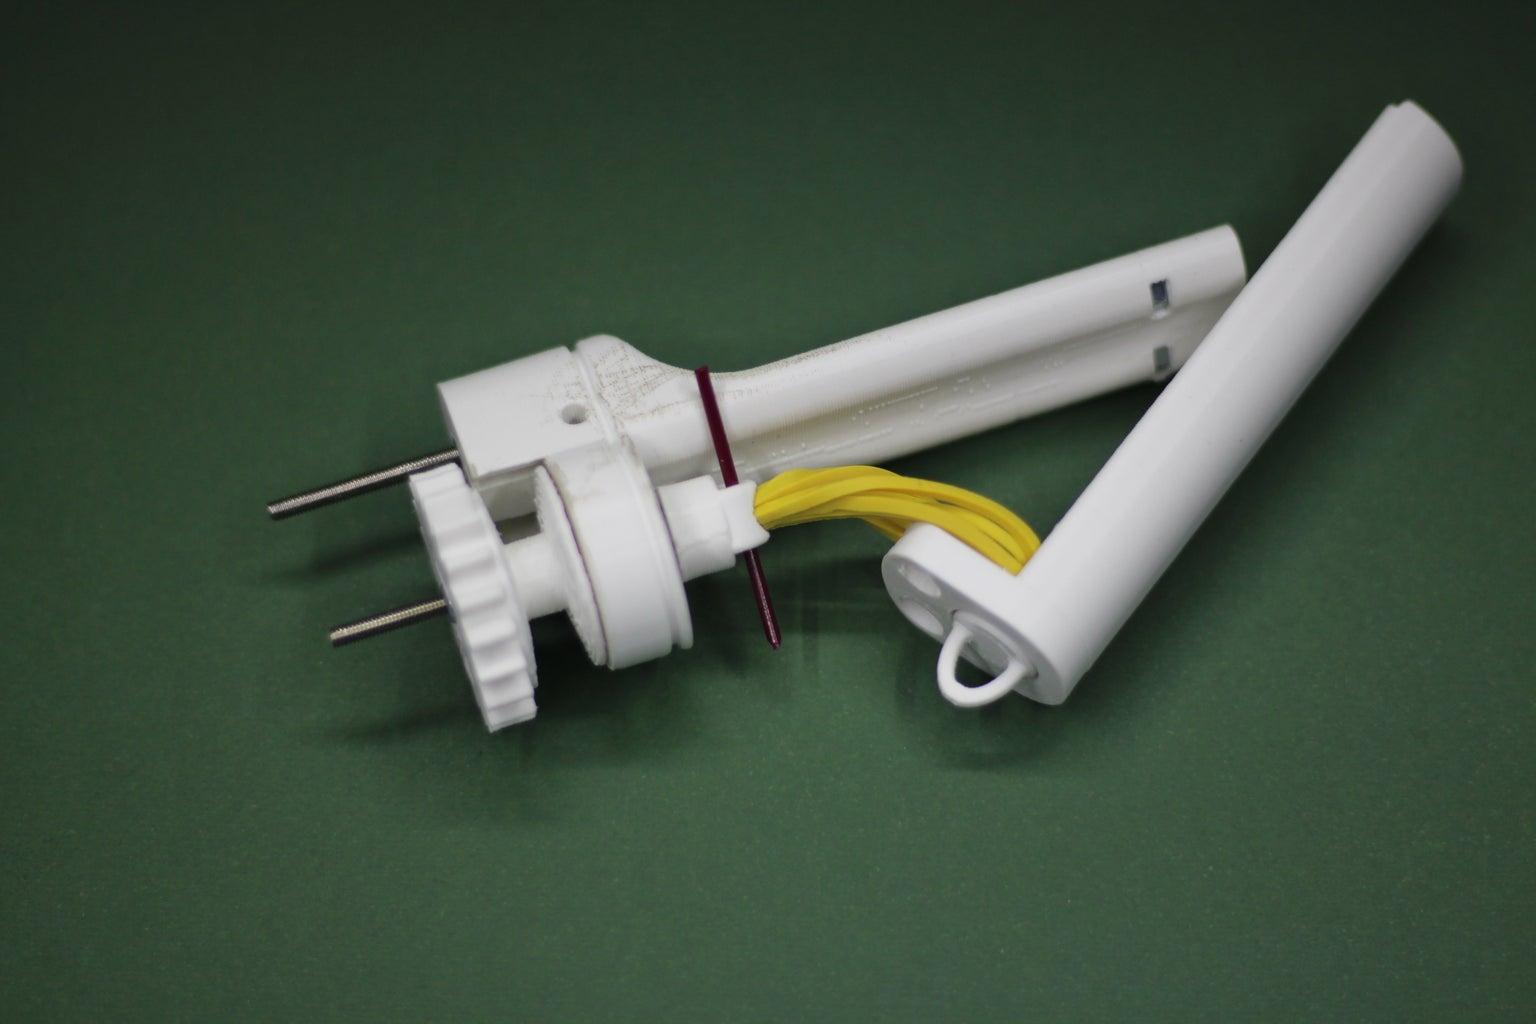 Assembling the Spool Rewinding Mechanism